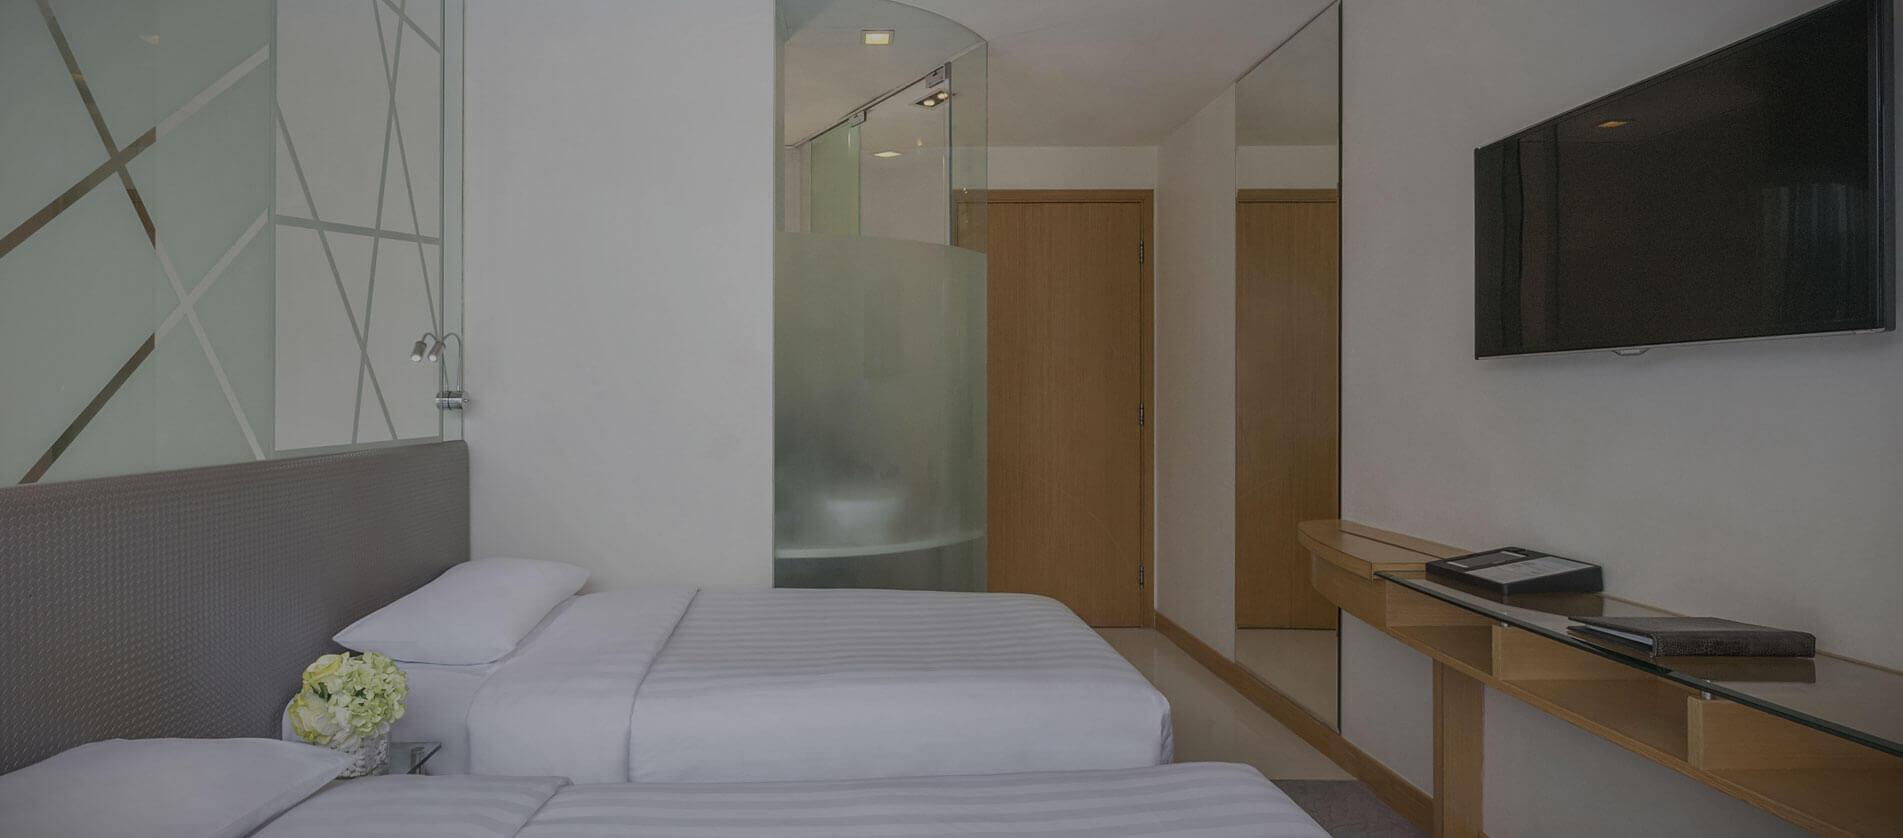 香港最後召集優惠丨超級優惠丨旺角帝盛酒店